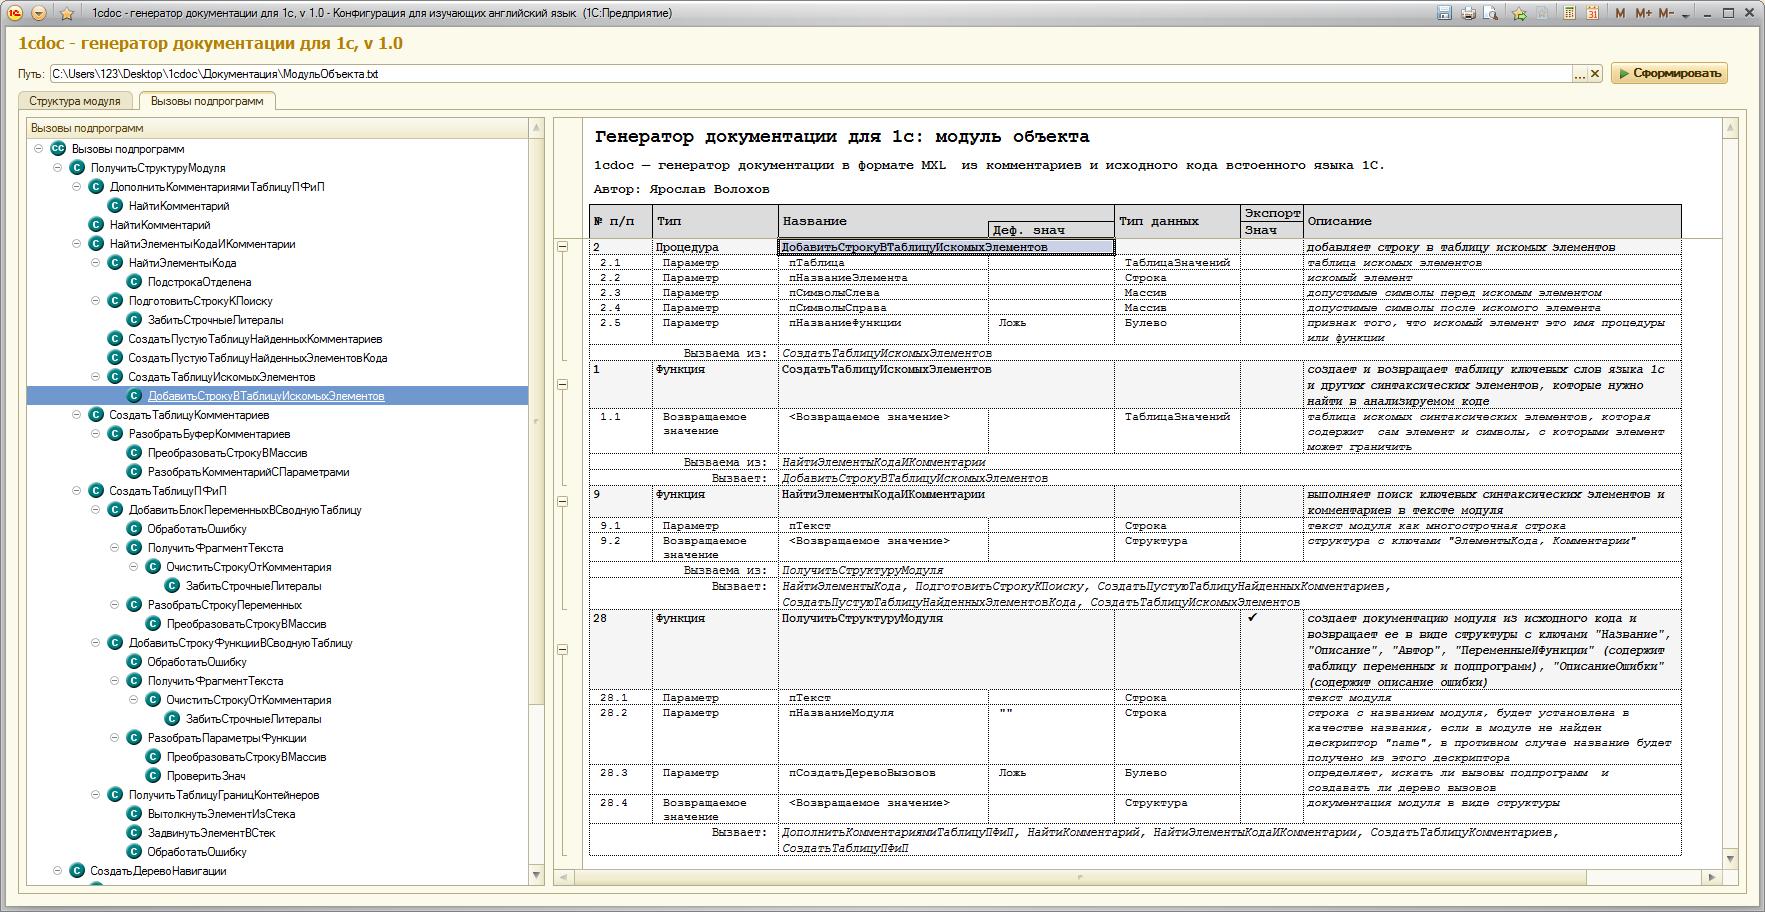 1с документация программиста настройка usb ключа 1с 8.3